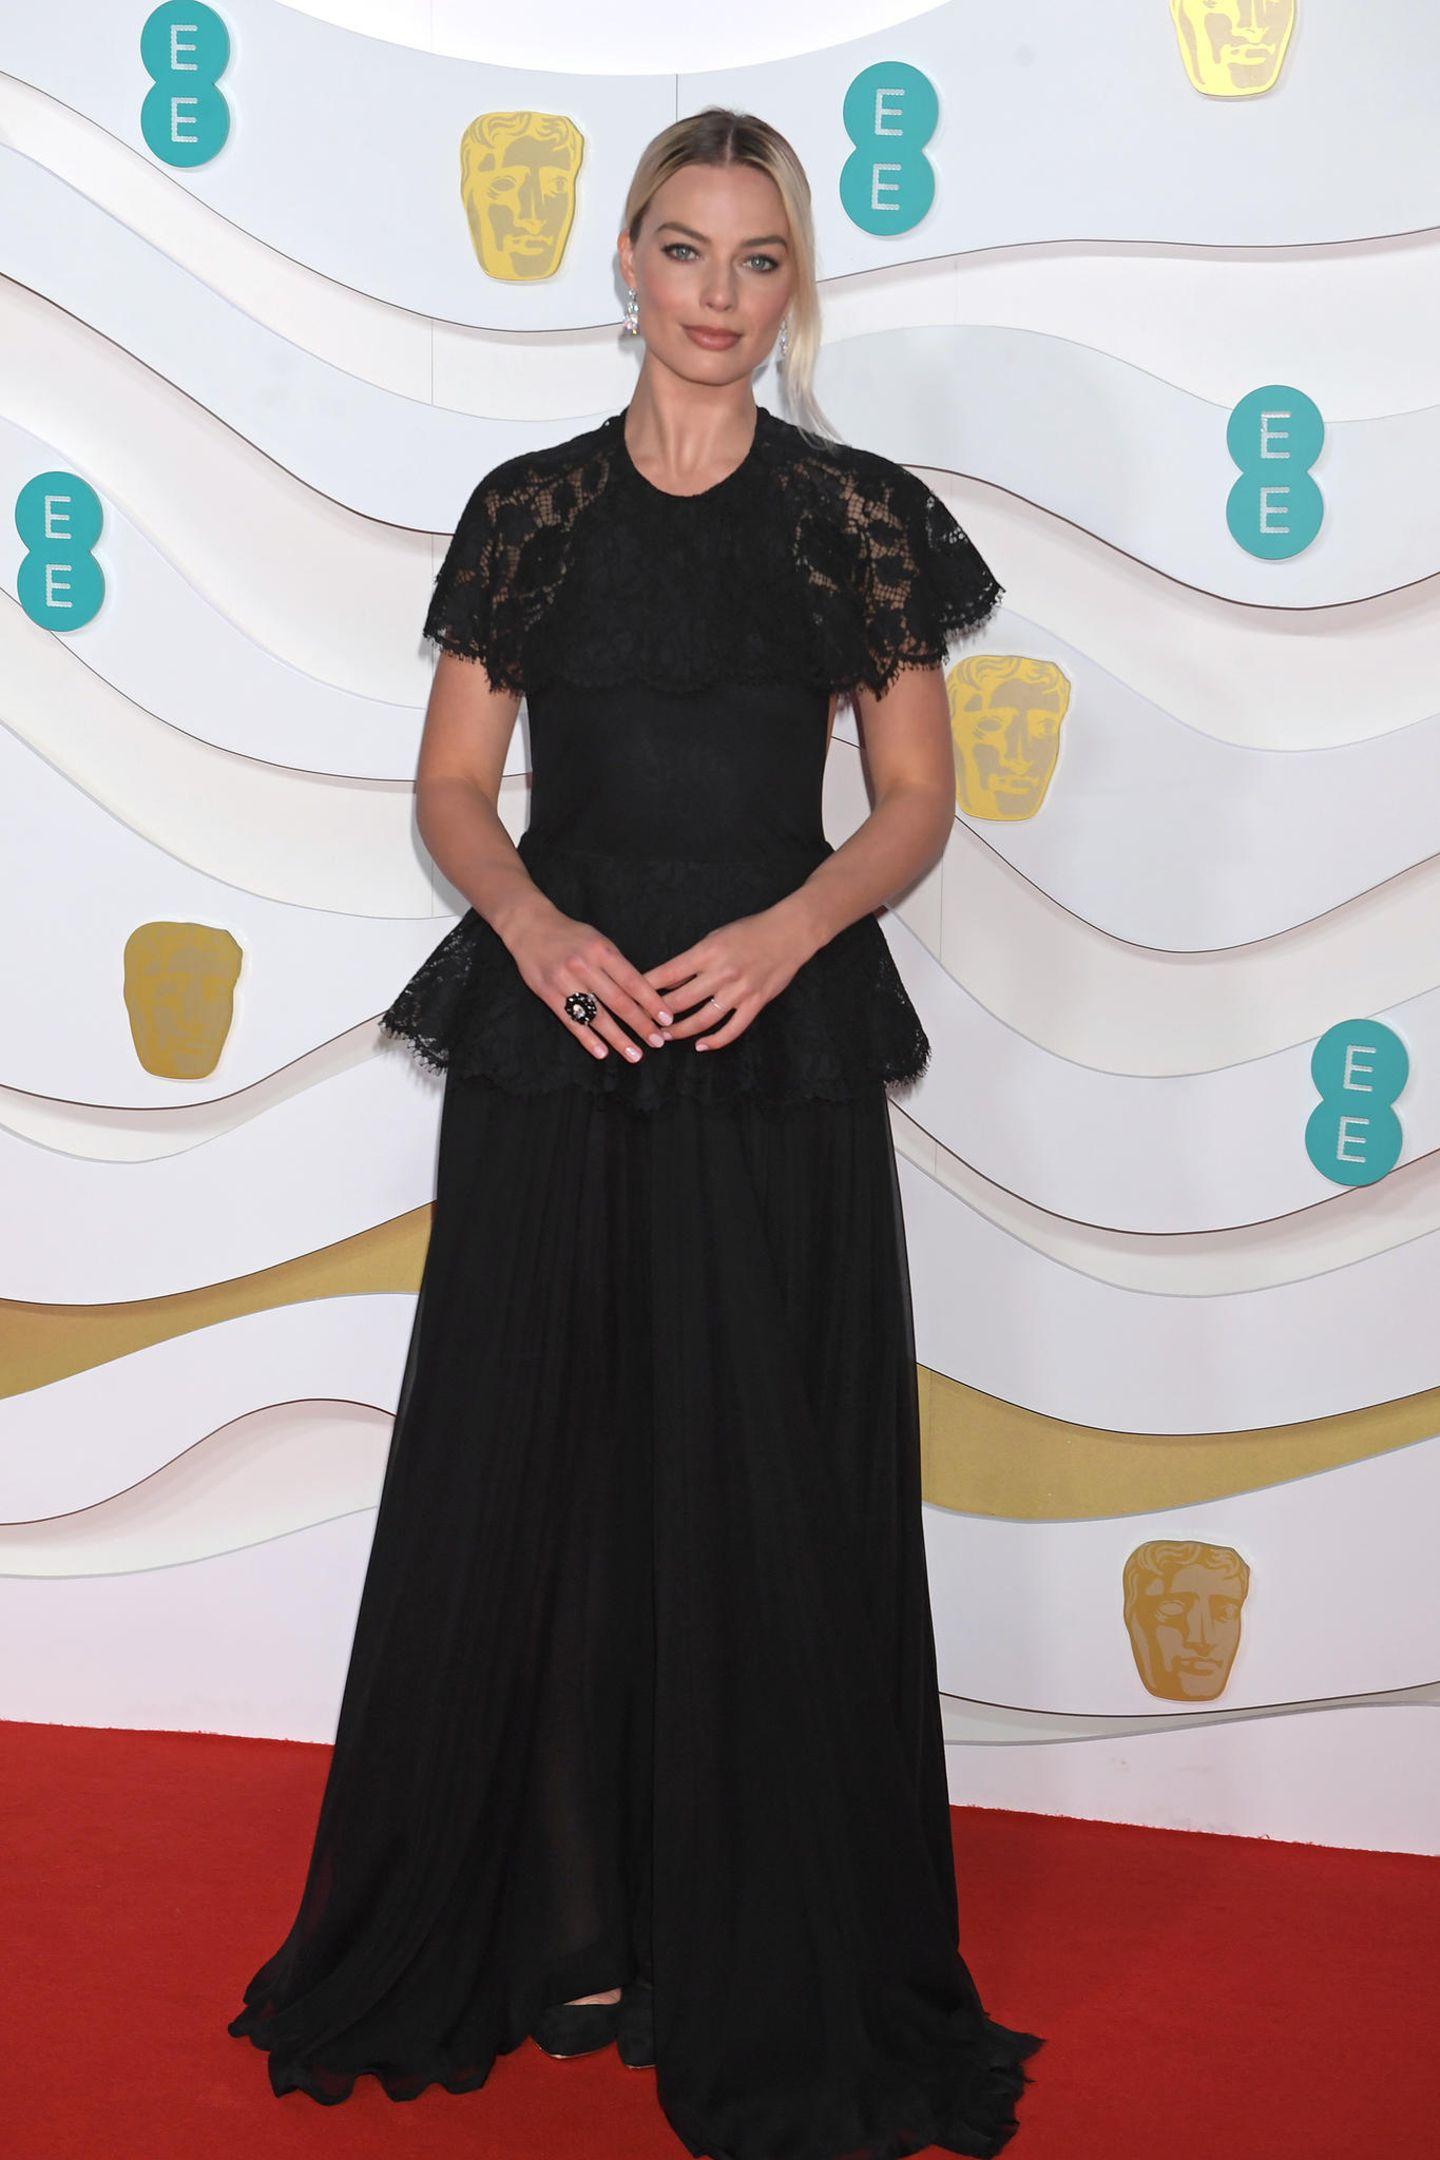 Einer der schönsten Looks der Abends! Mit einerzartenSpitzen-Robe von Chanel machte MargotRobbie alles richtig.